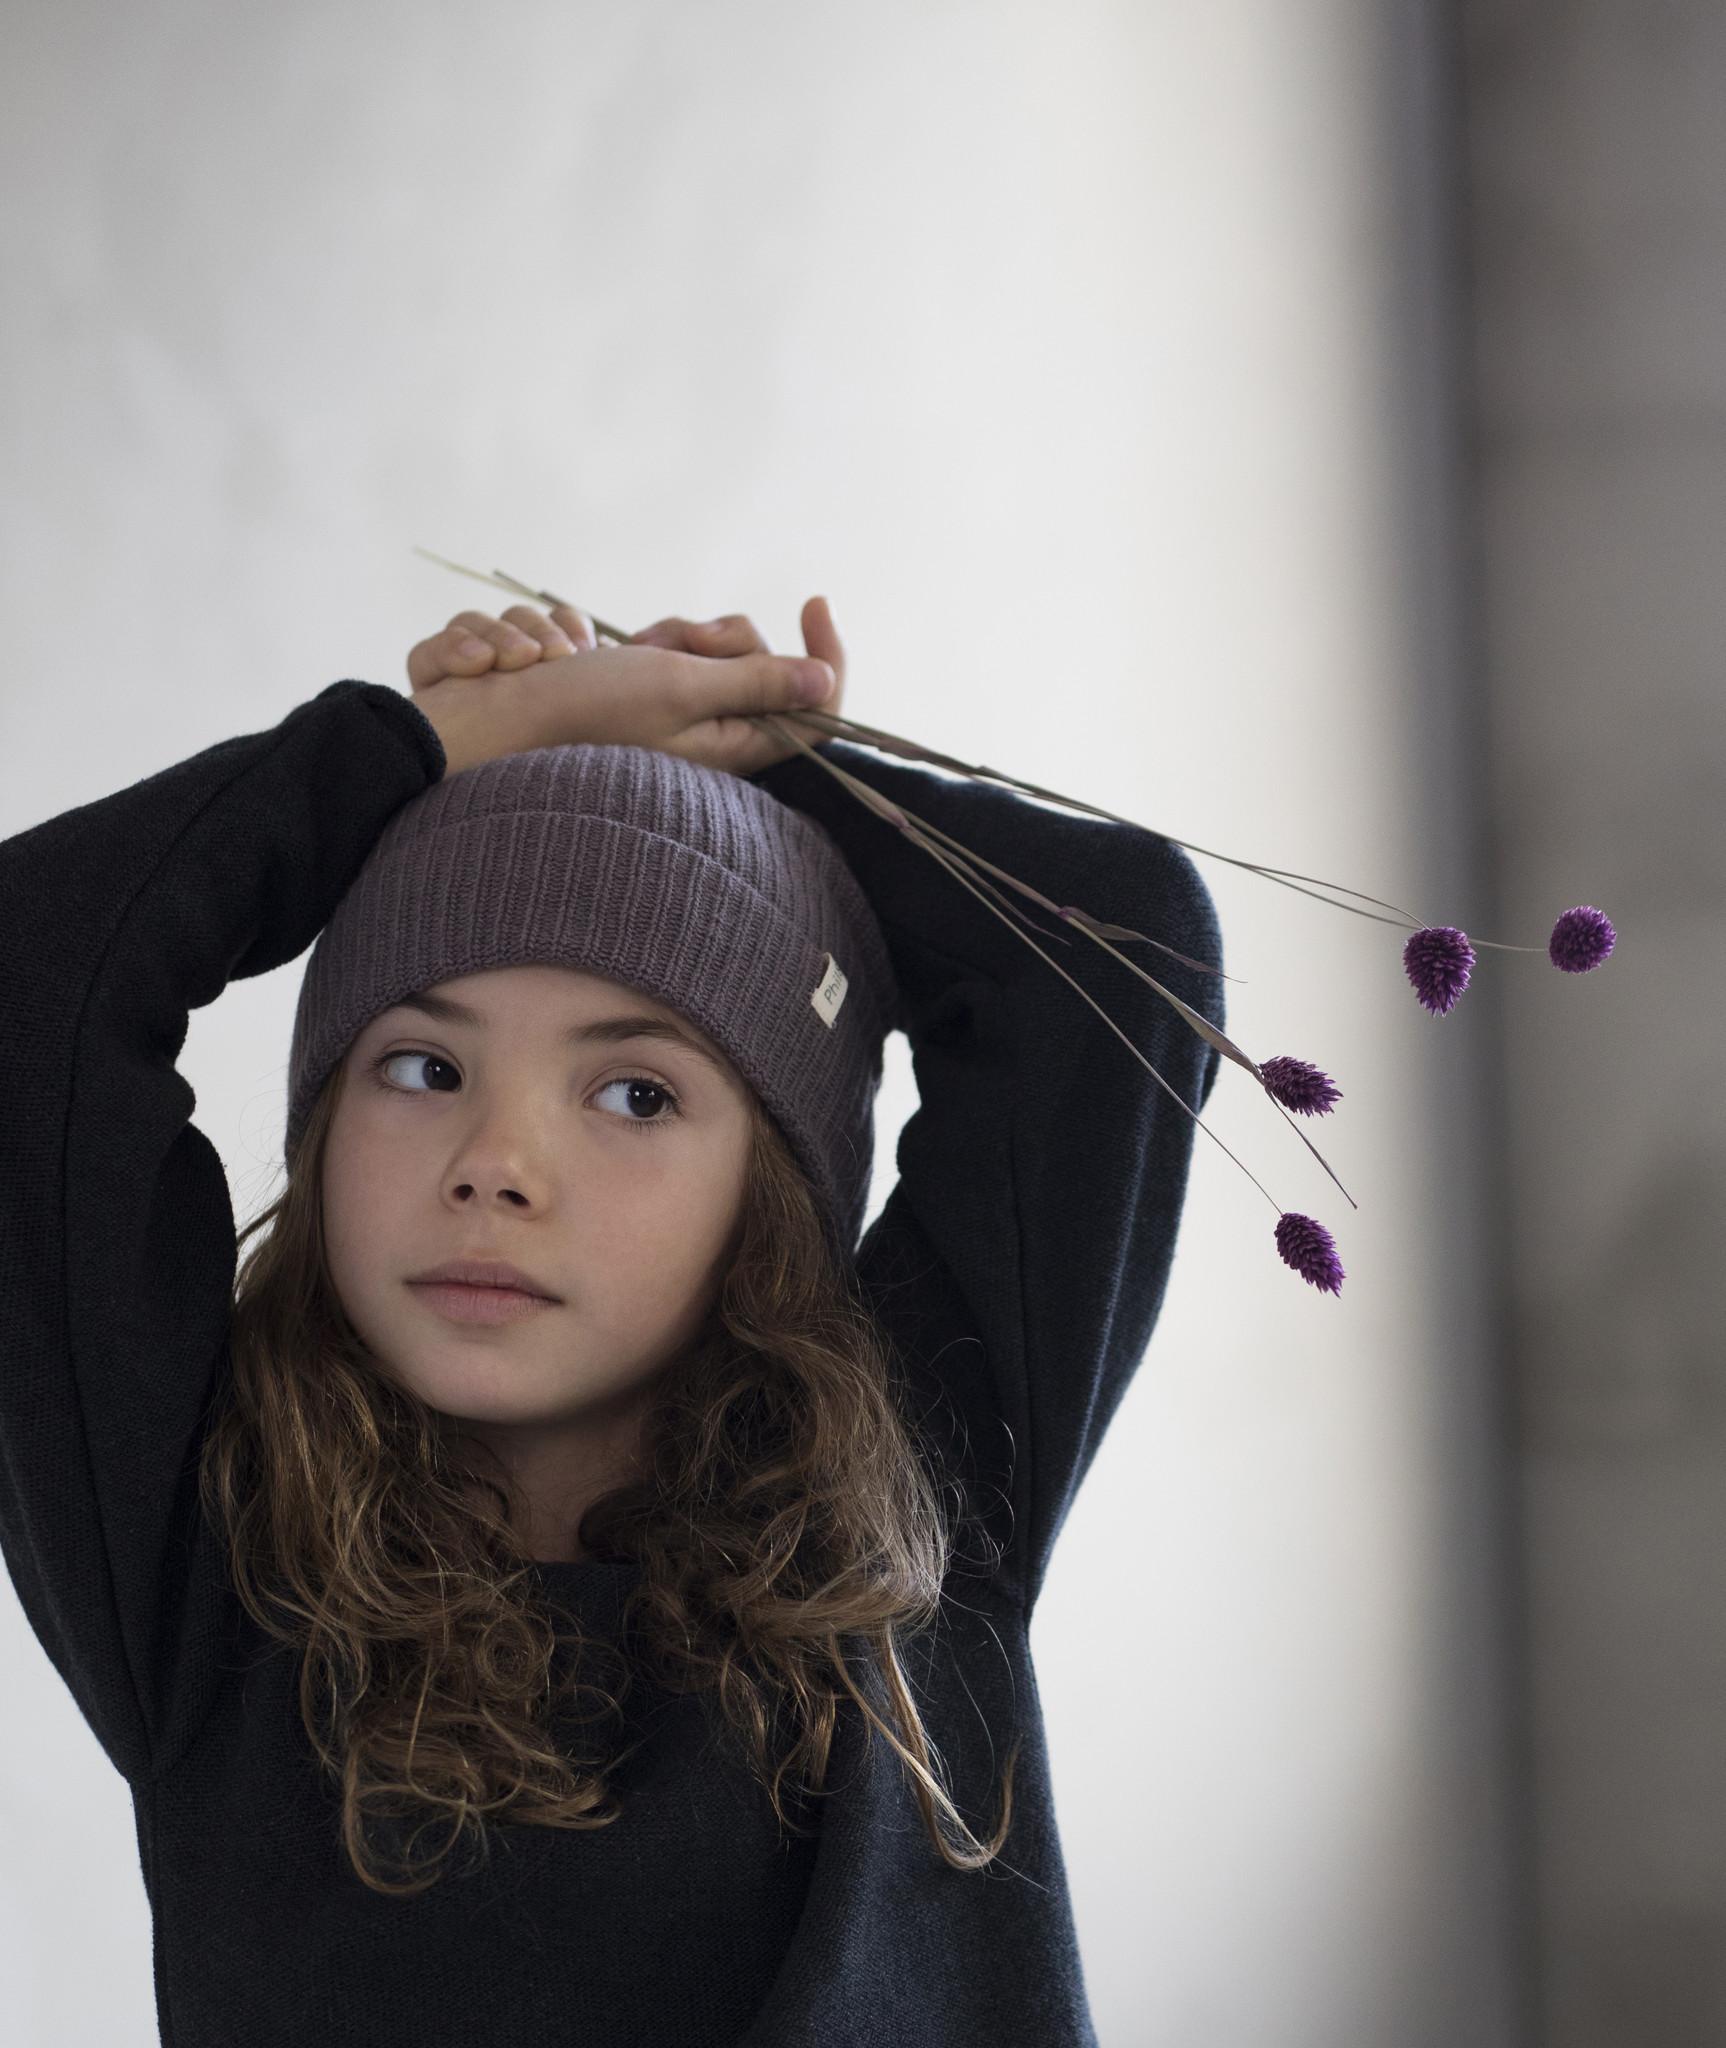 Cashmere - blend knit Beanie - Lavender-2